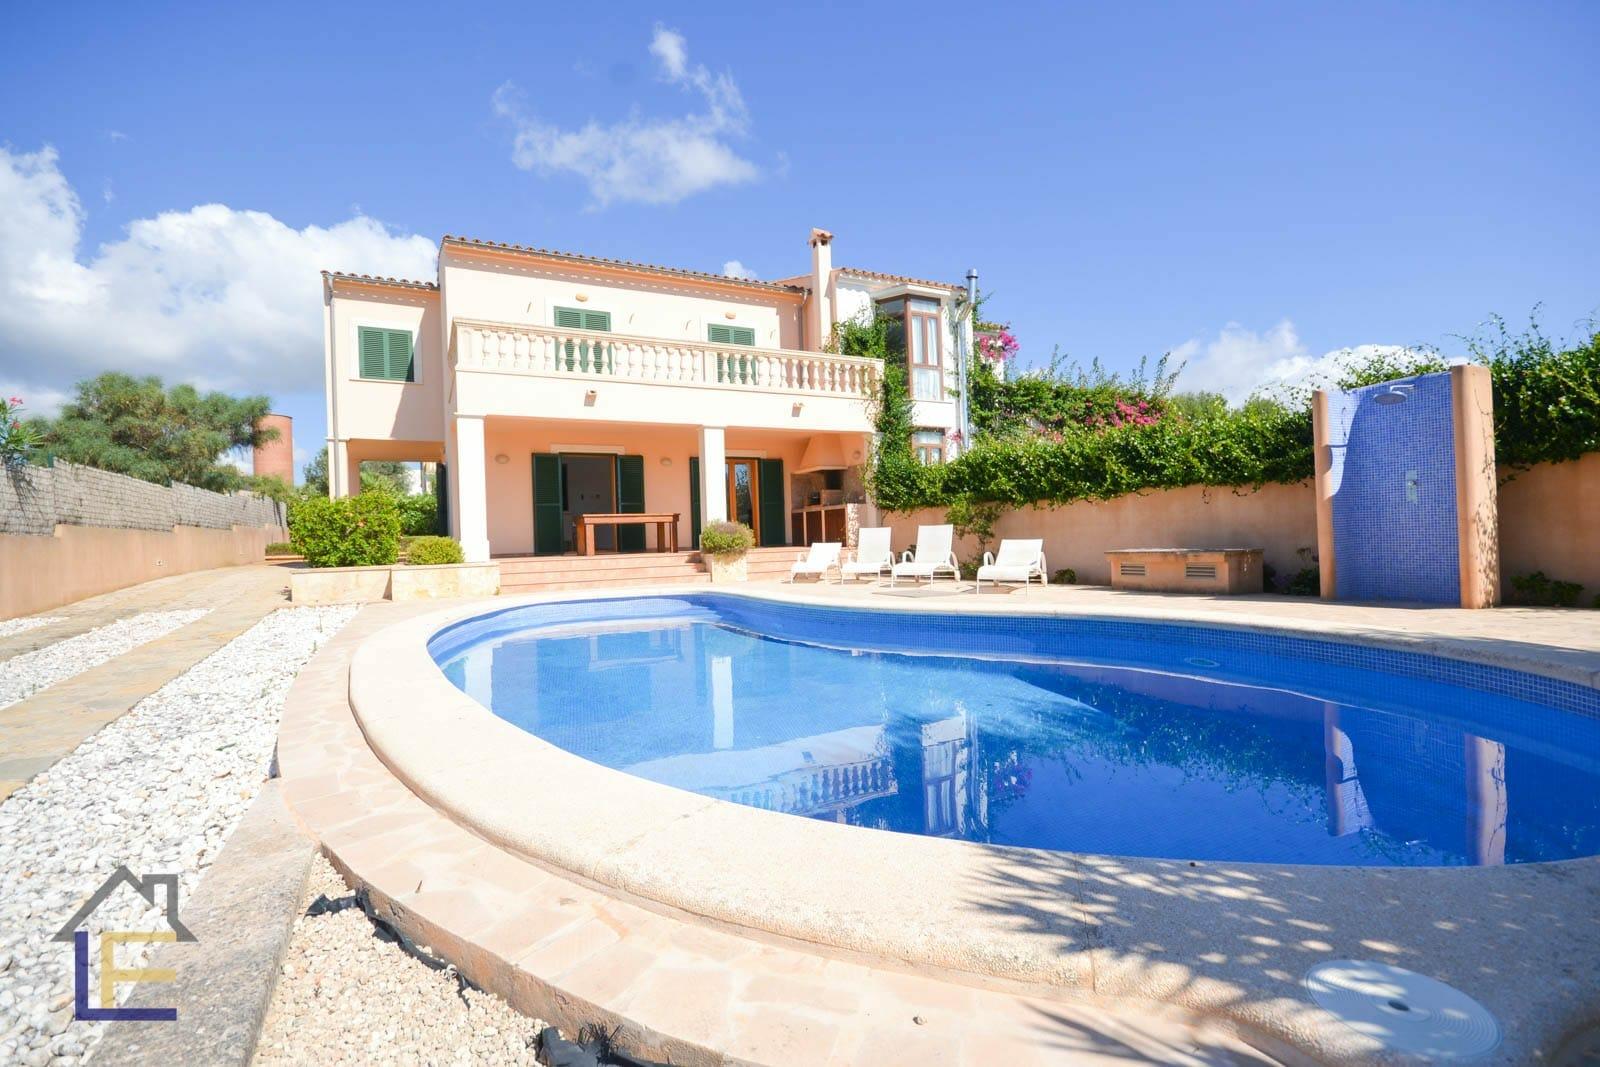 Fantastische Chalet mit Pool in Calas de Mallorca zu vermieten